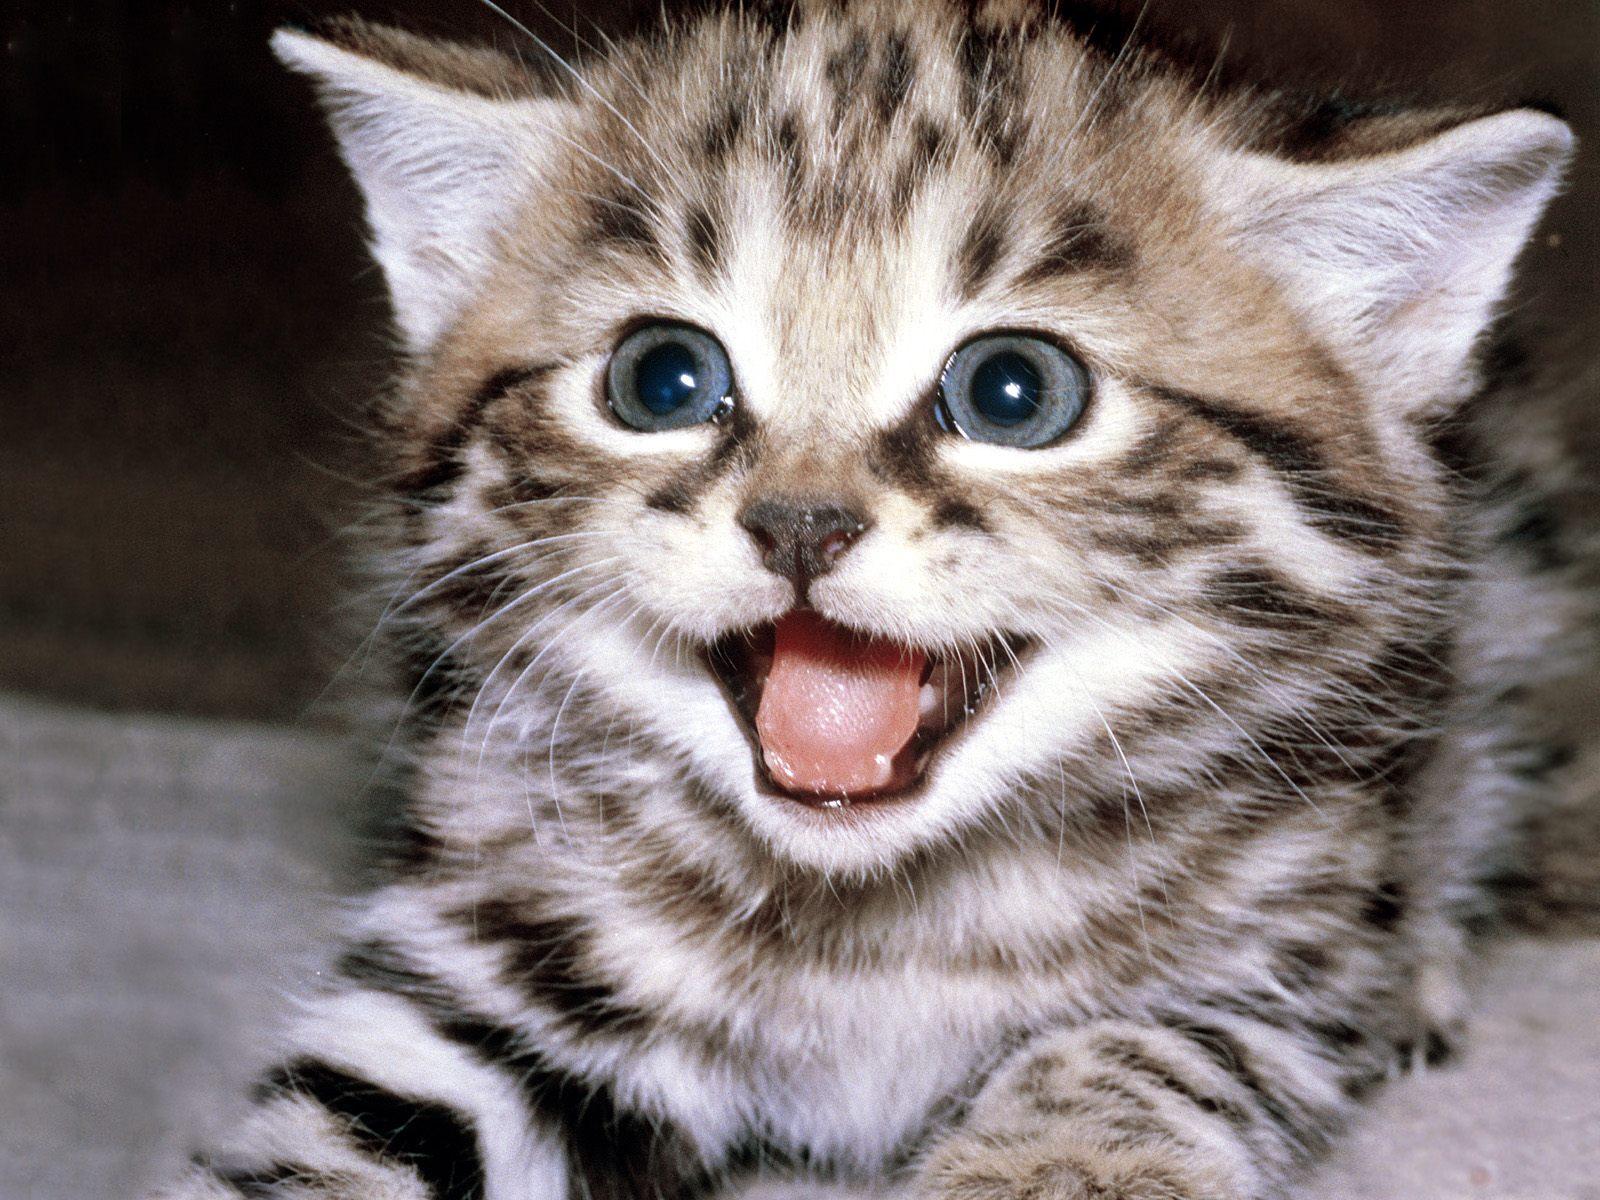 http://1.bp.blogspot.com/-YDqctyxwIks/UDCT4H9O6JI/AAAAAAAAAPA/B_niSBLUk-Y/s1600/Top+20+Cute+Animals+Pics6.jpg